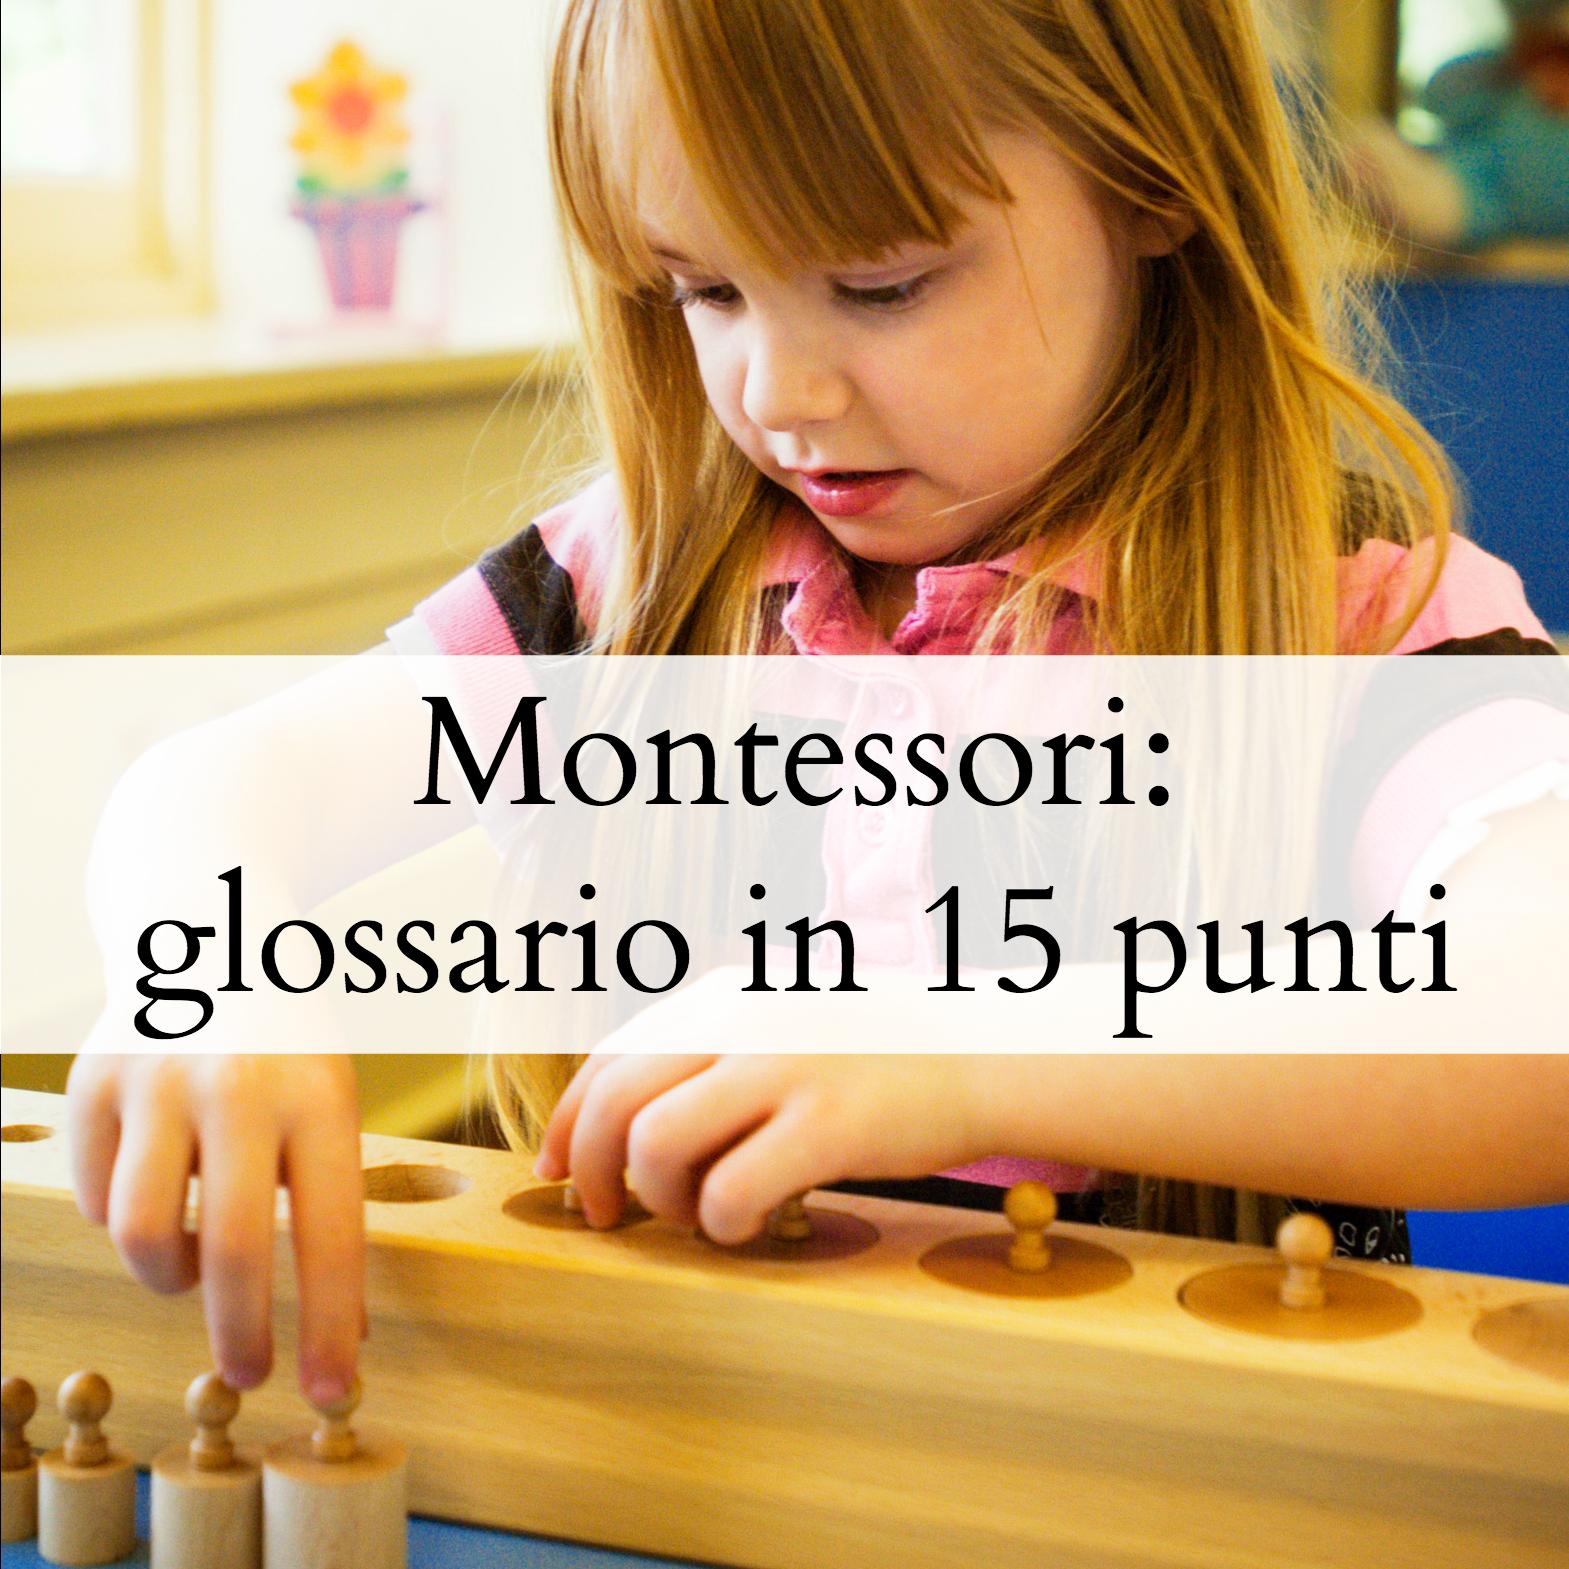 montessori-glossario